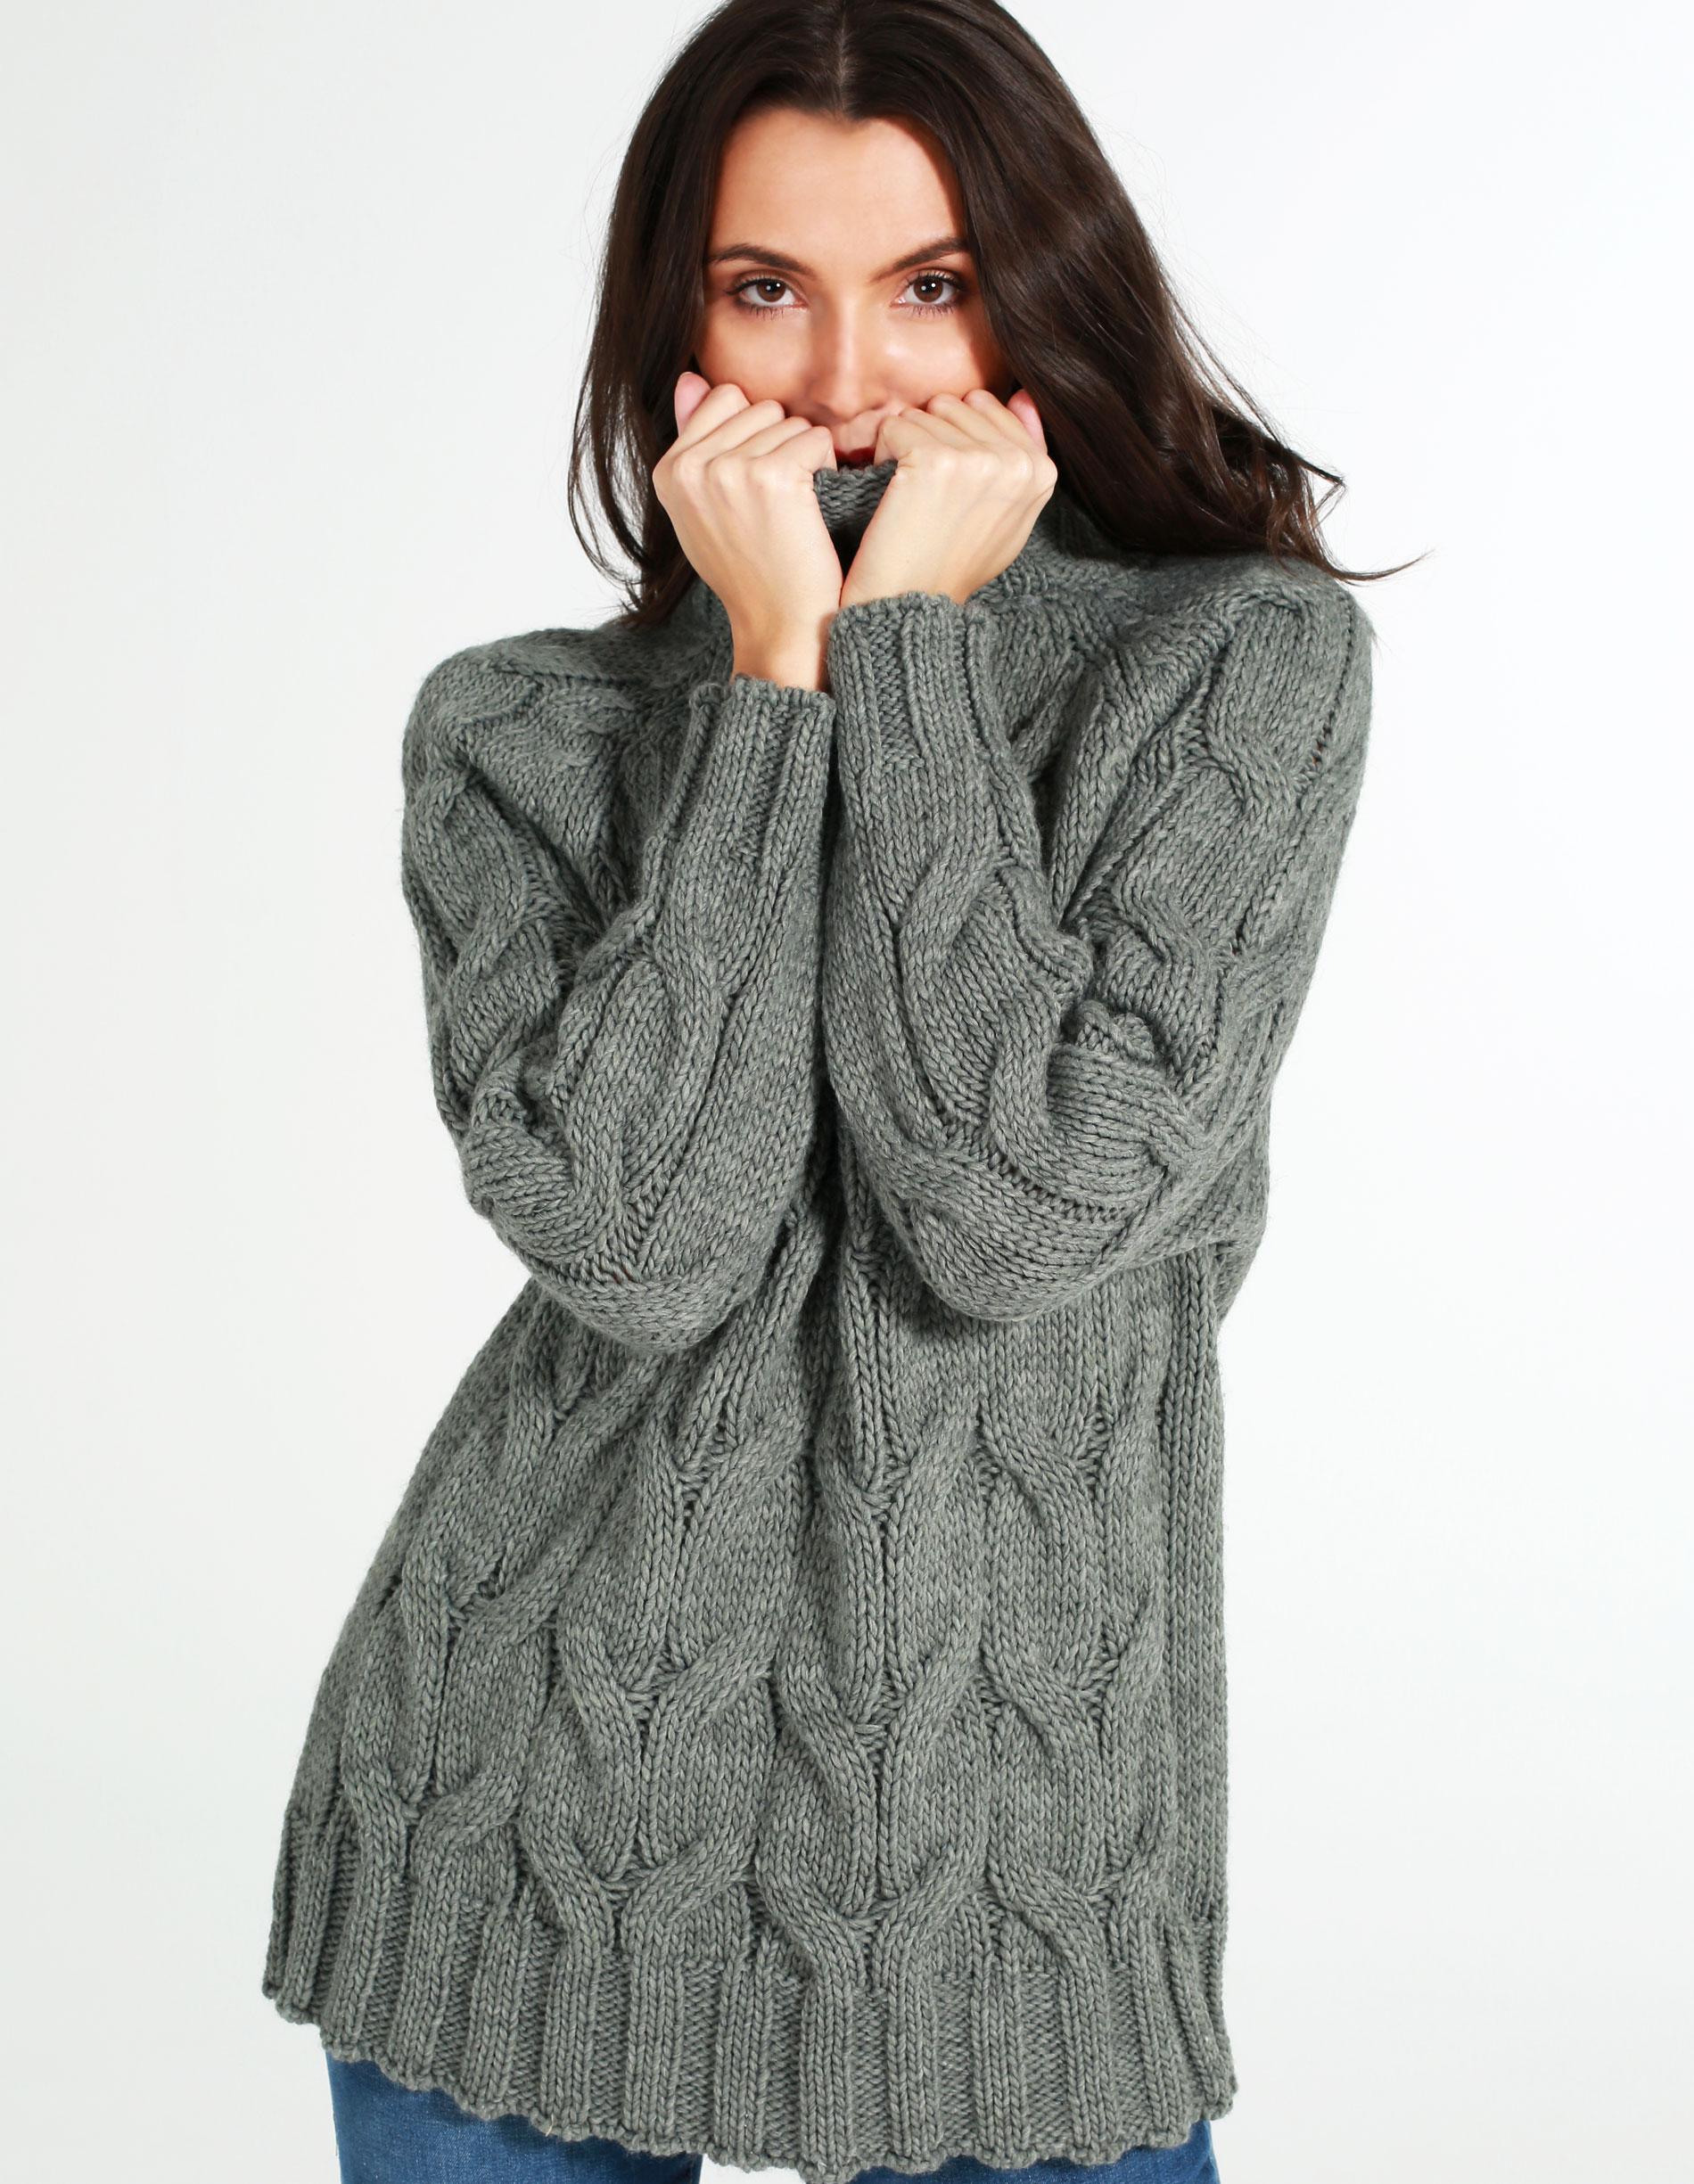 Sweter - 21-15079 MILI - Unisono